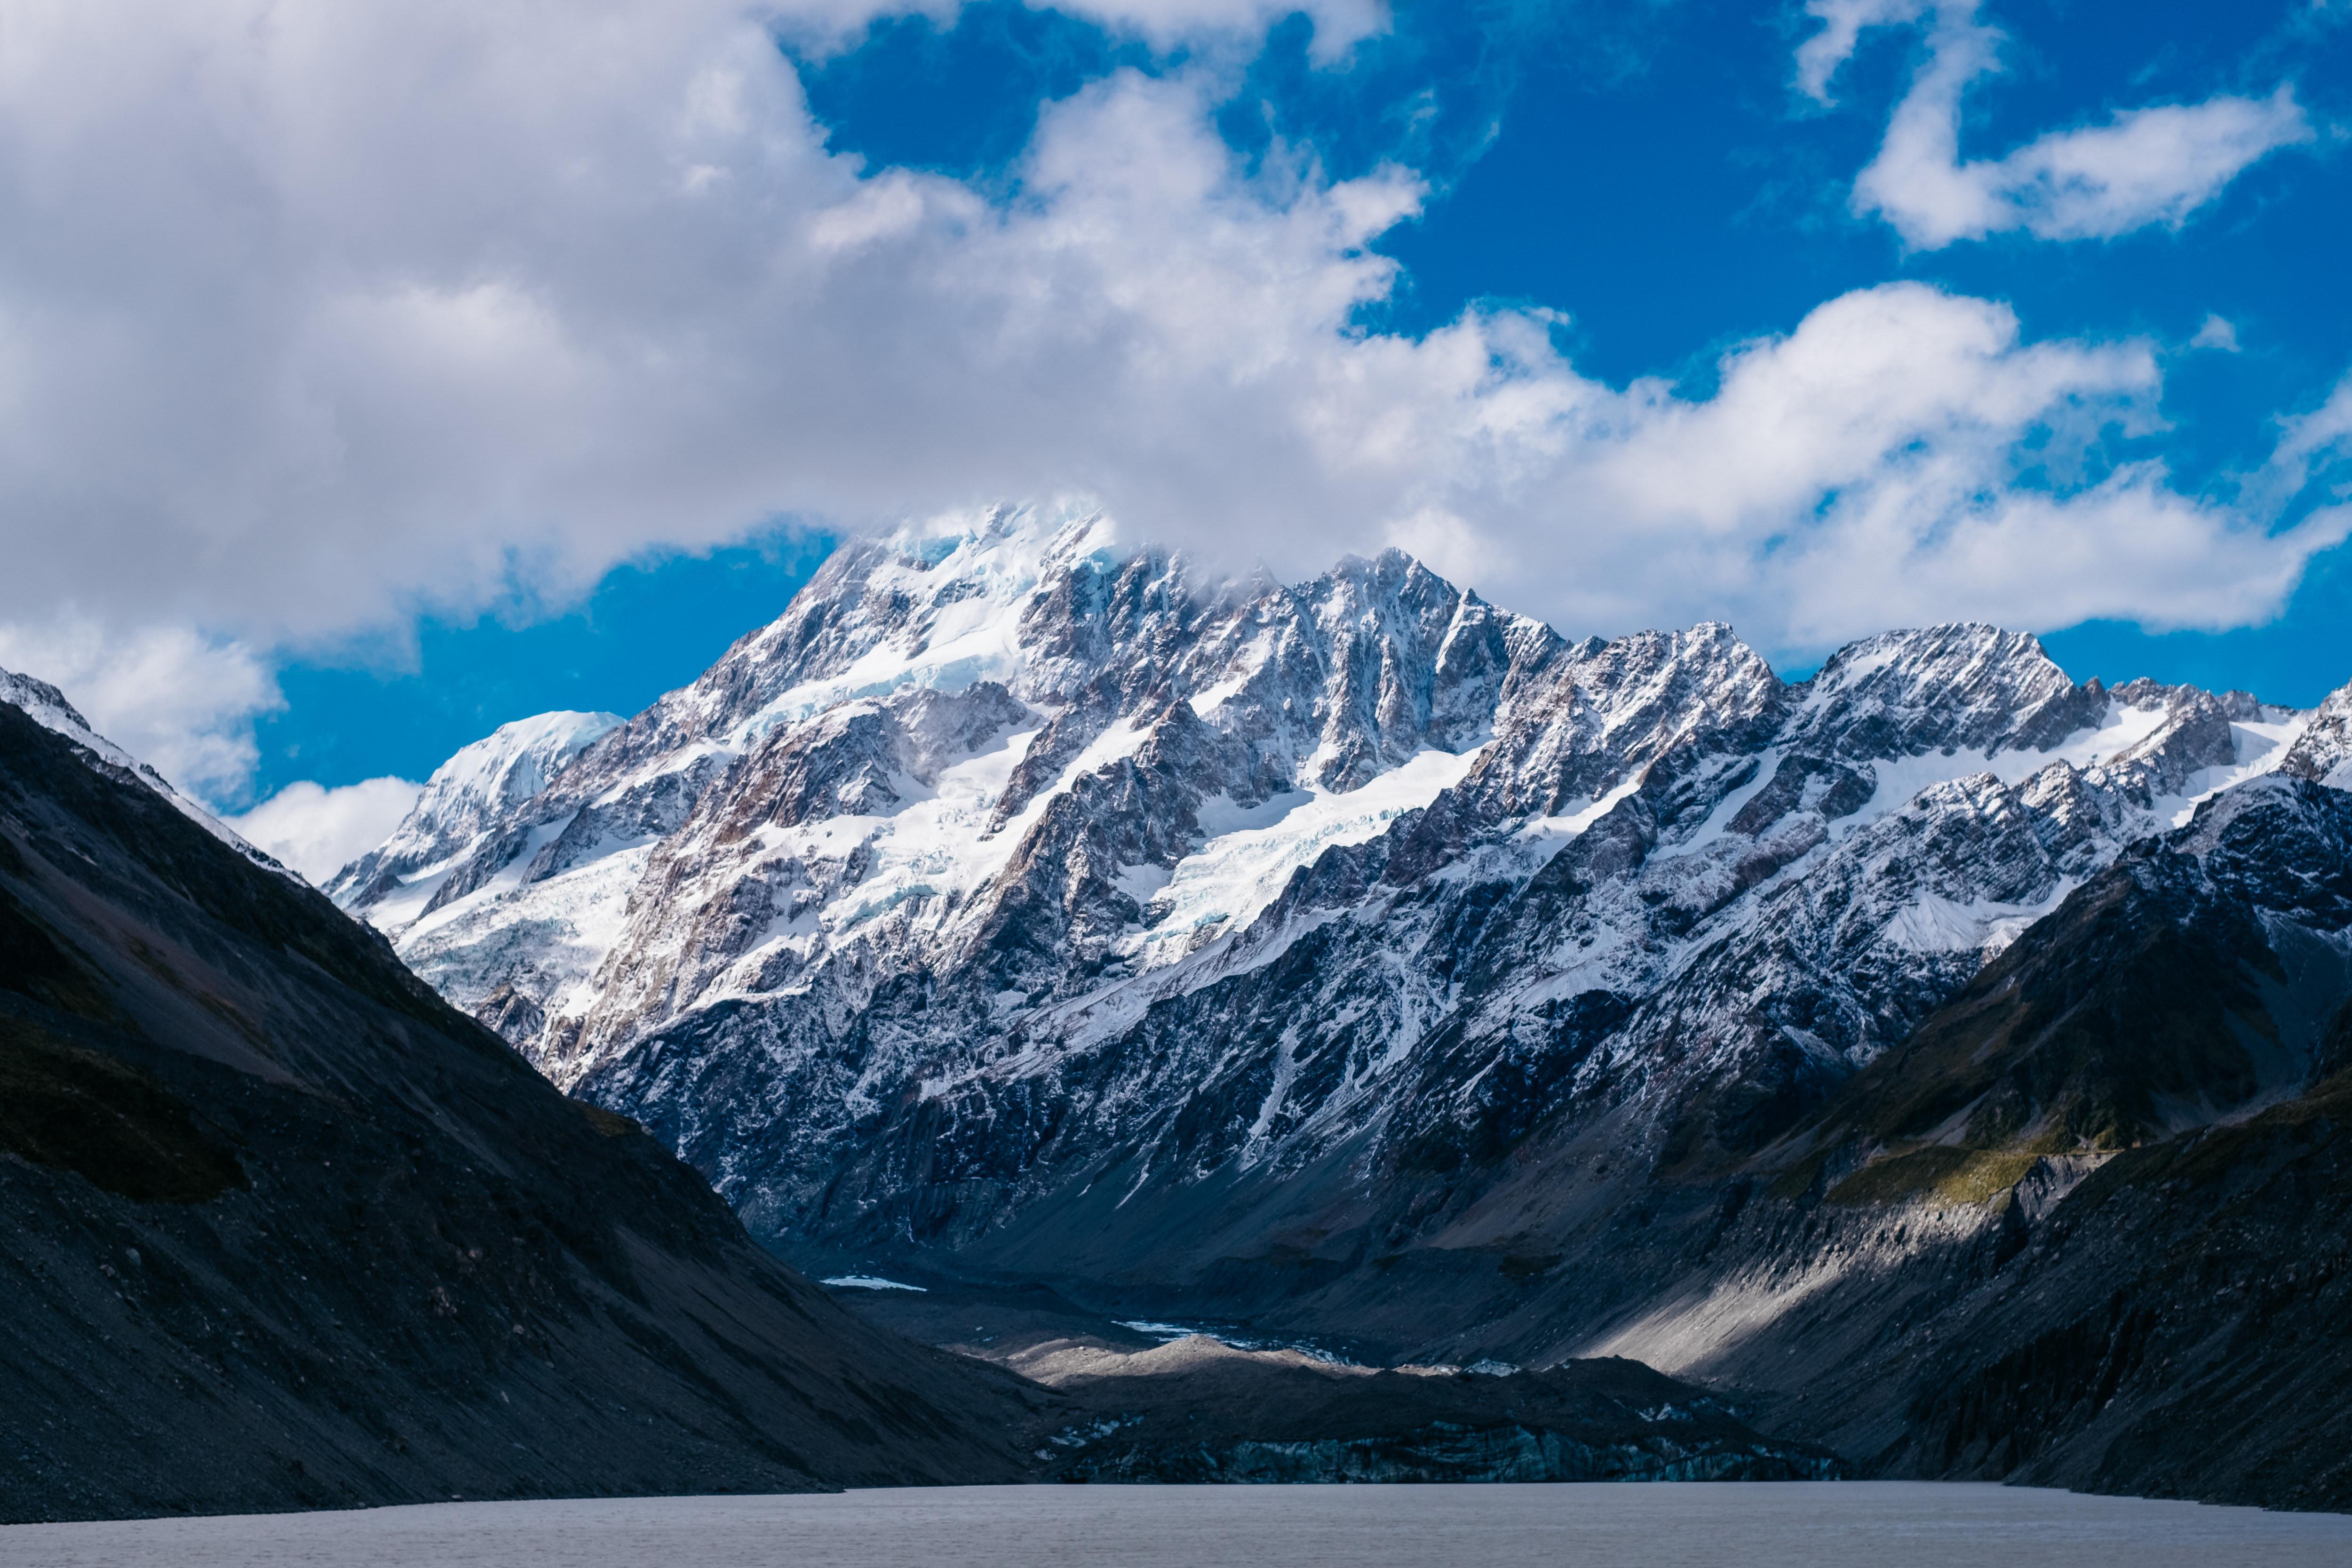 Nový Zéland Facebook: Tapety : Hory, Nový Zéland, Nebe, Mraky 5000x3333